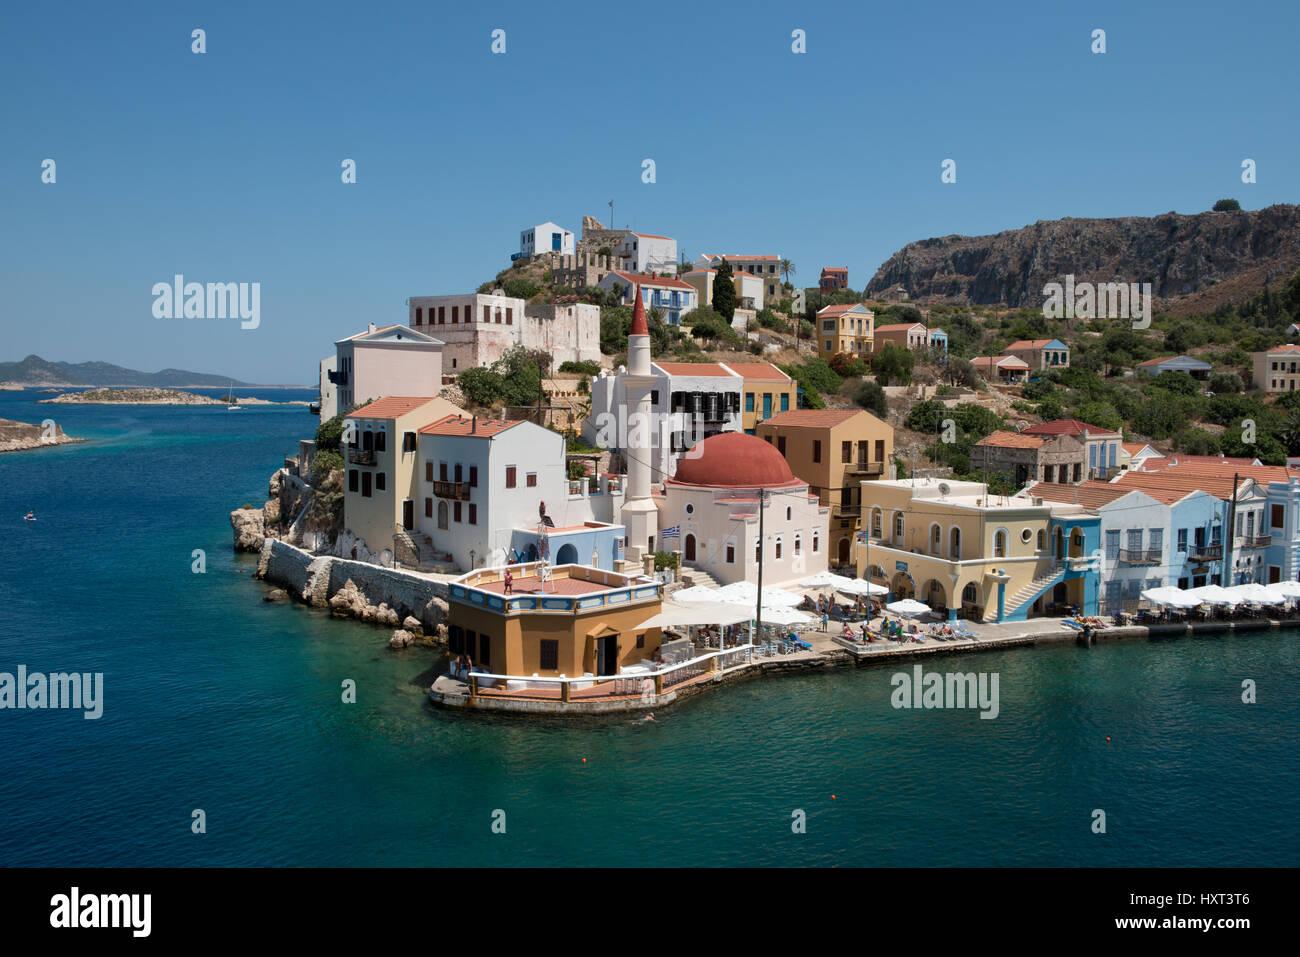 Hafeneinfahrt mit türkisgrünem Wasser, Moschee, bunten Häusern und kahlen Hügeln, Insel Kastellorizo, - Stock Image